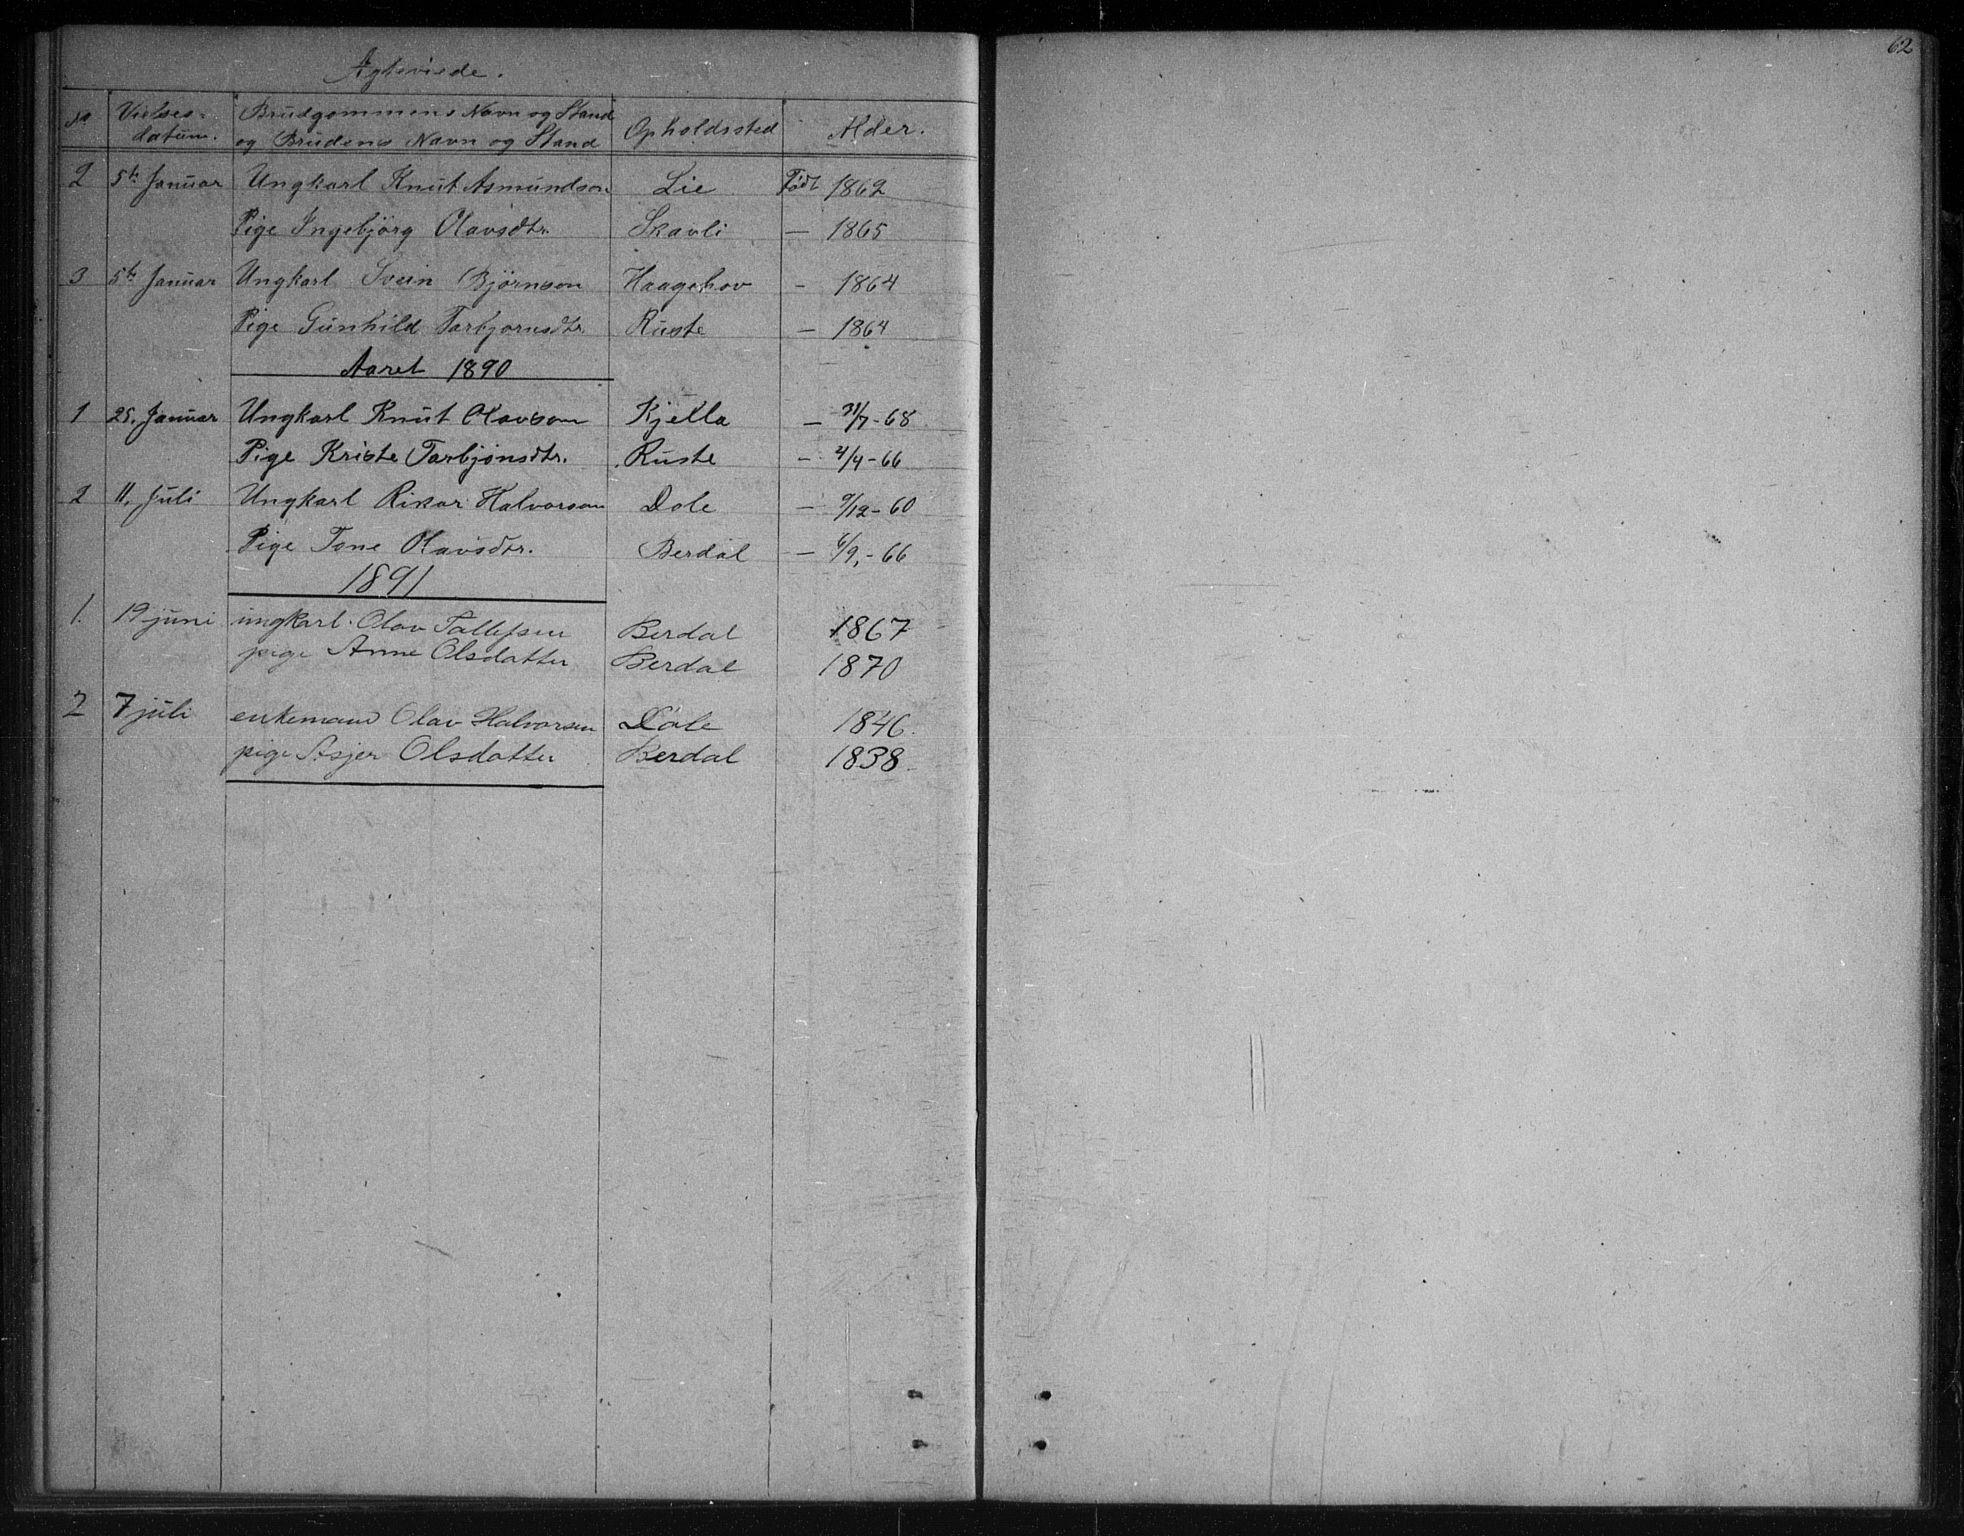 SAKO, Vinje kirkebøker, G/Gb/L0002: Klokkerbok nr. II 2, 1849-1891, s. 62